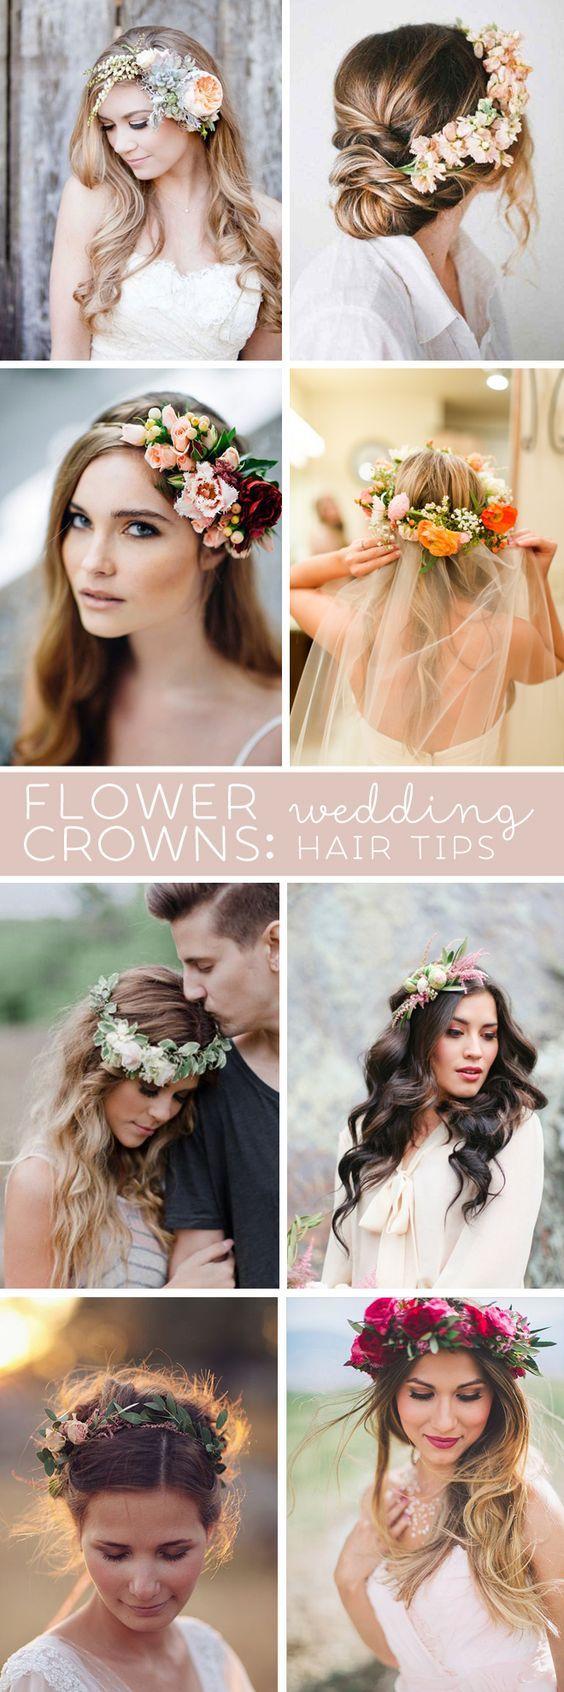 Braut mit Blumenkranz - verschiedene Arten einen Blumenkranz zu tragen als Braut